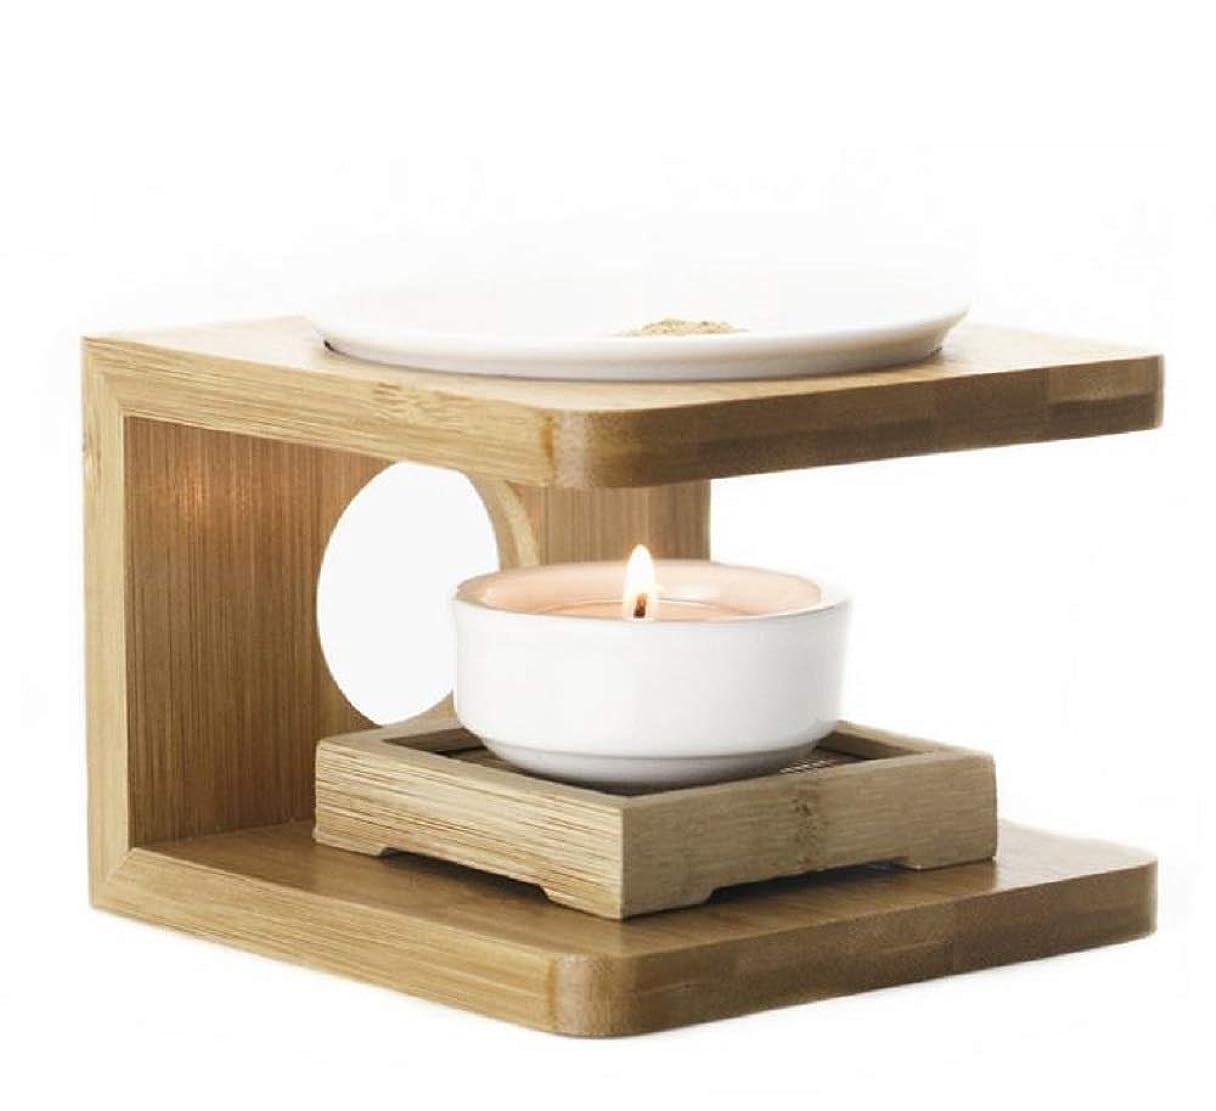 艦隊ことわざ島茶香炉 陶器茶香炉 茶こうろ 茶 インテリア お祝い最適なプレゼント 茶香炉 陶器茶香炉 アロマ炉 茶こうろ お茶 MGC JAPAN TRADE